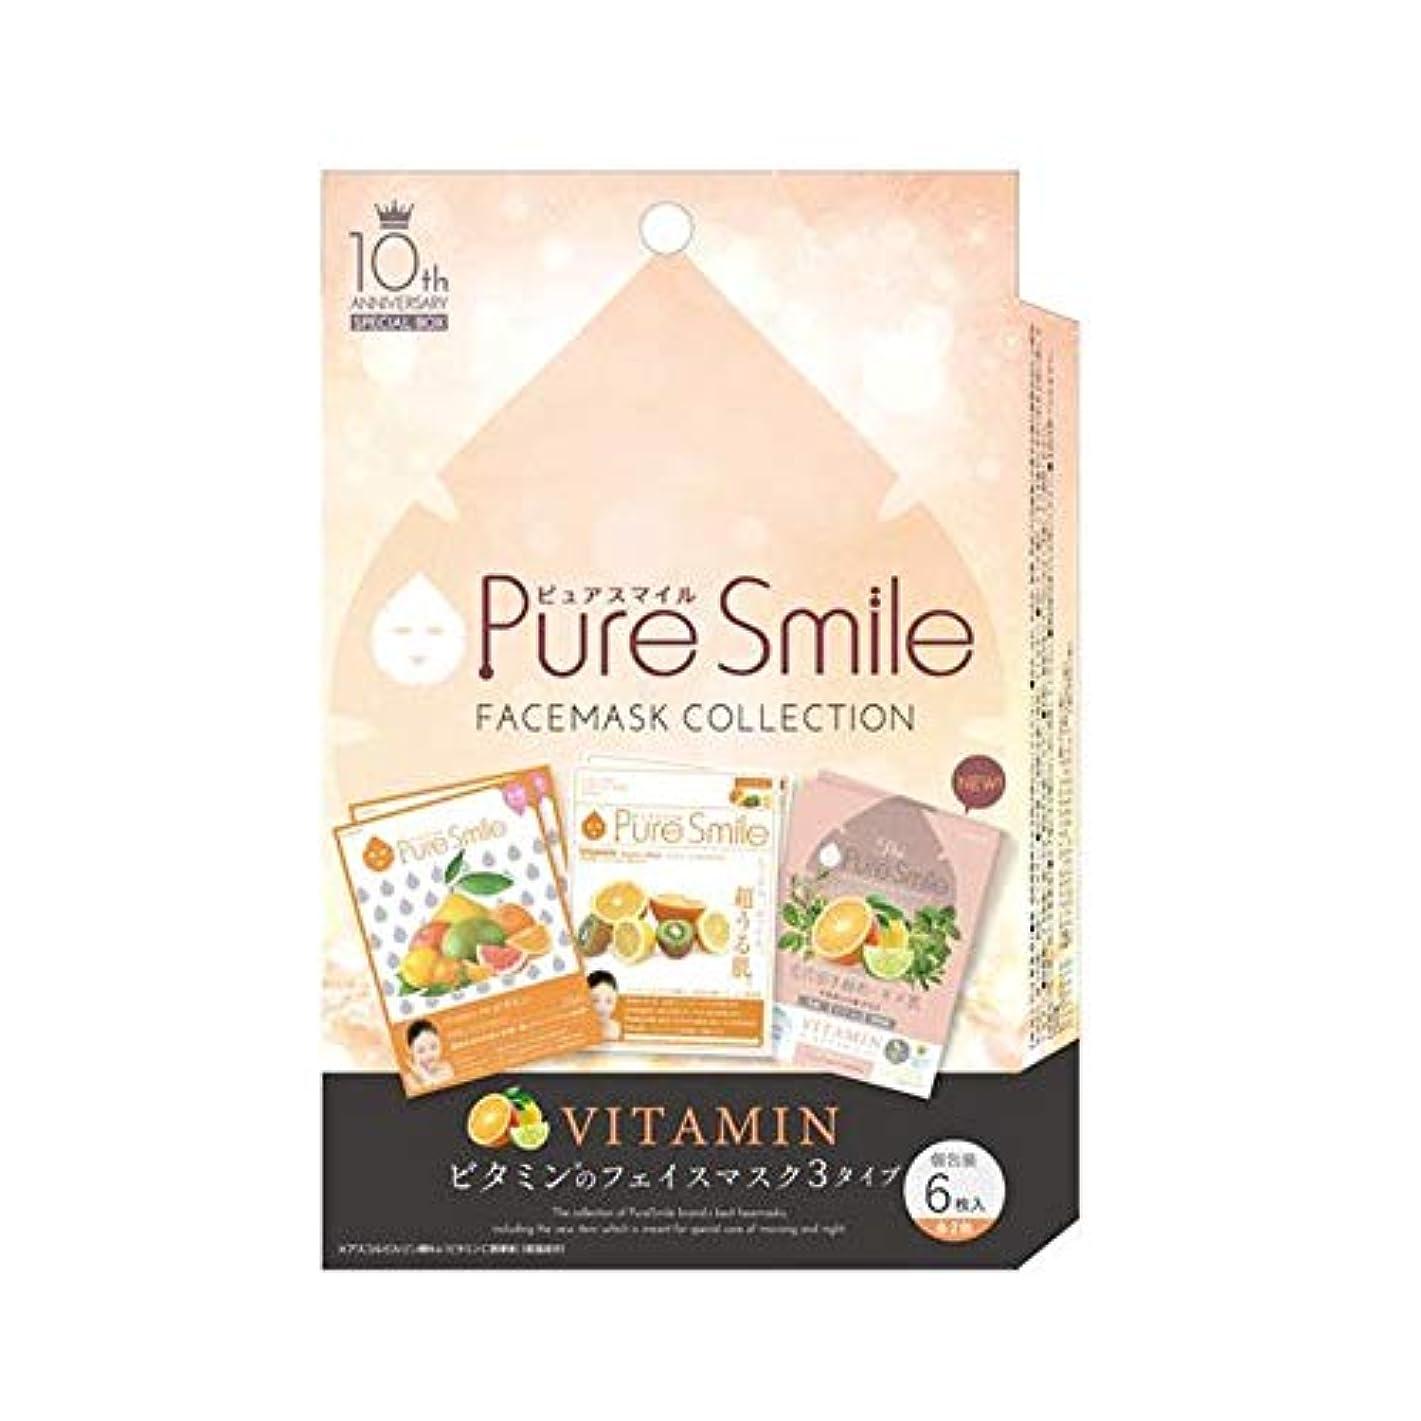 納屋巻き取り突き出すピュア スマイル Pure Smile 10thアニバーサリー スペシャルボックス ビタミン 6枚入り